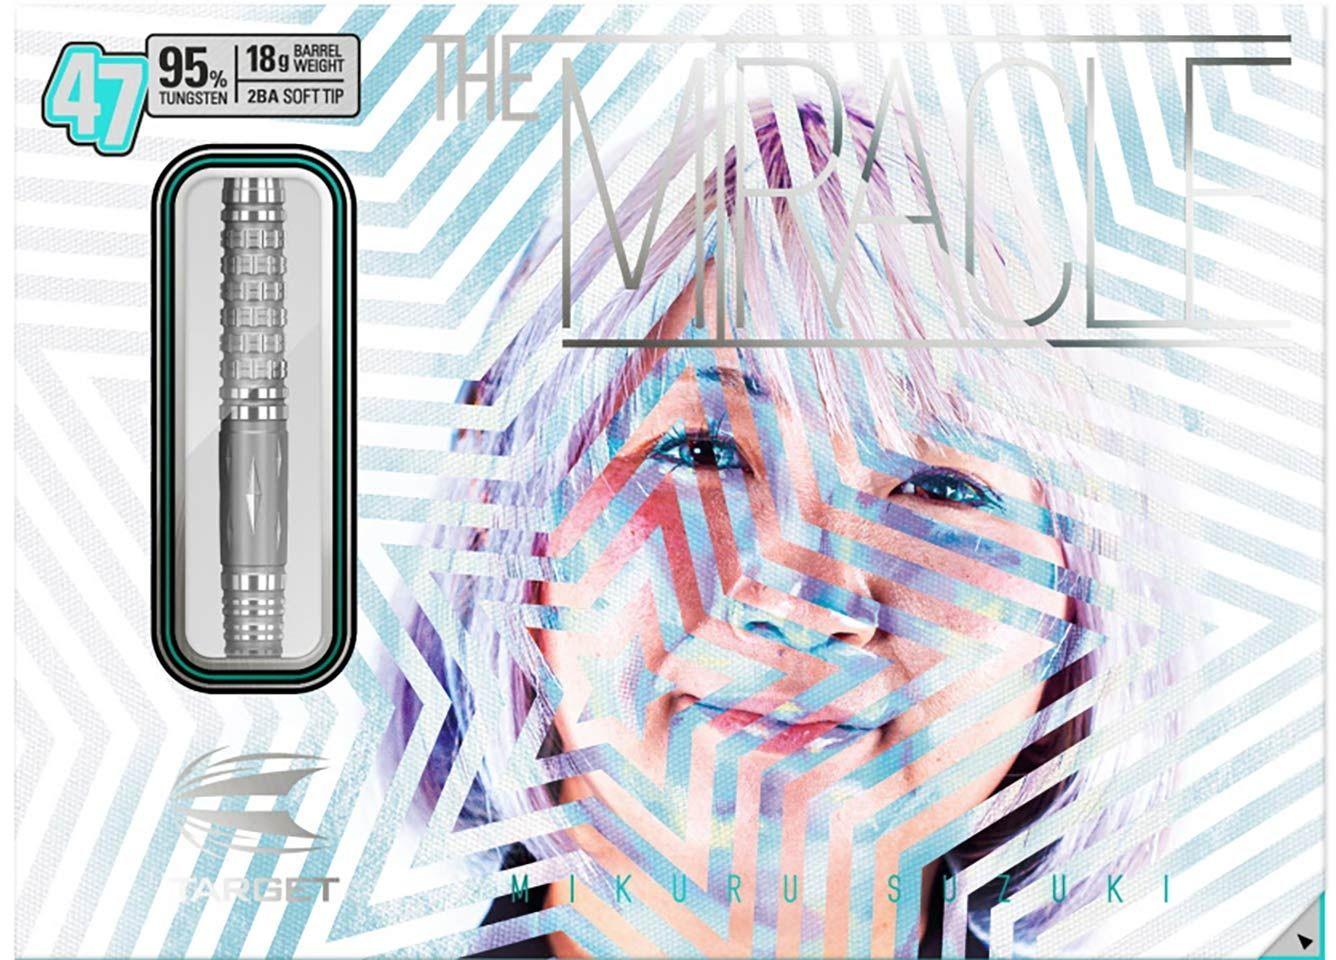 """Rzutki Target Mikuru Suzuki """"THE MIRACLE"""" 47 (soft tip)"""